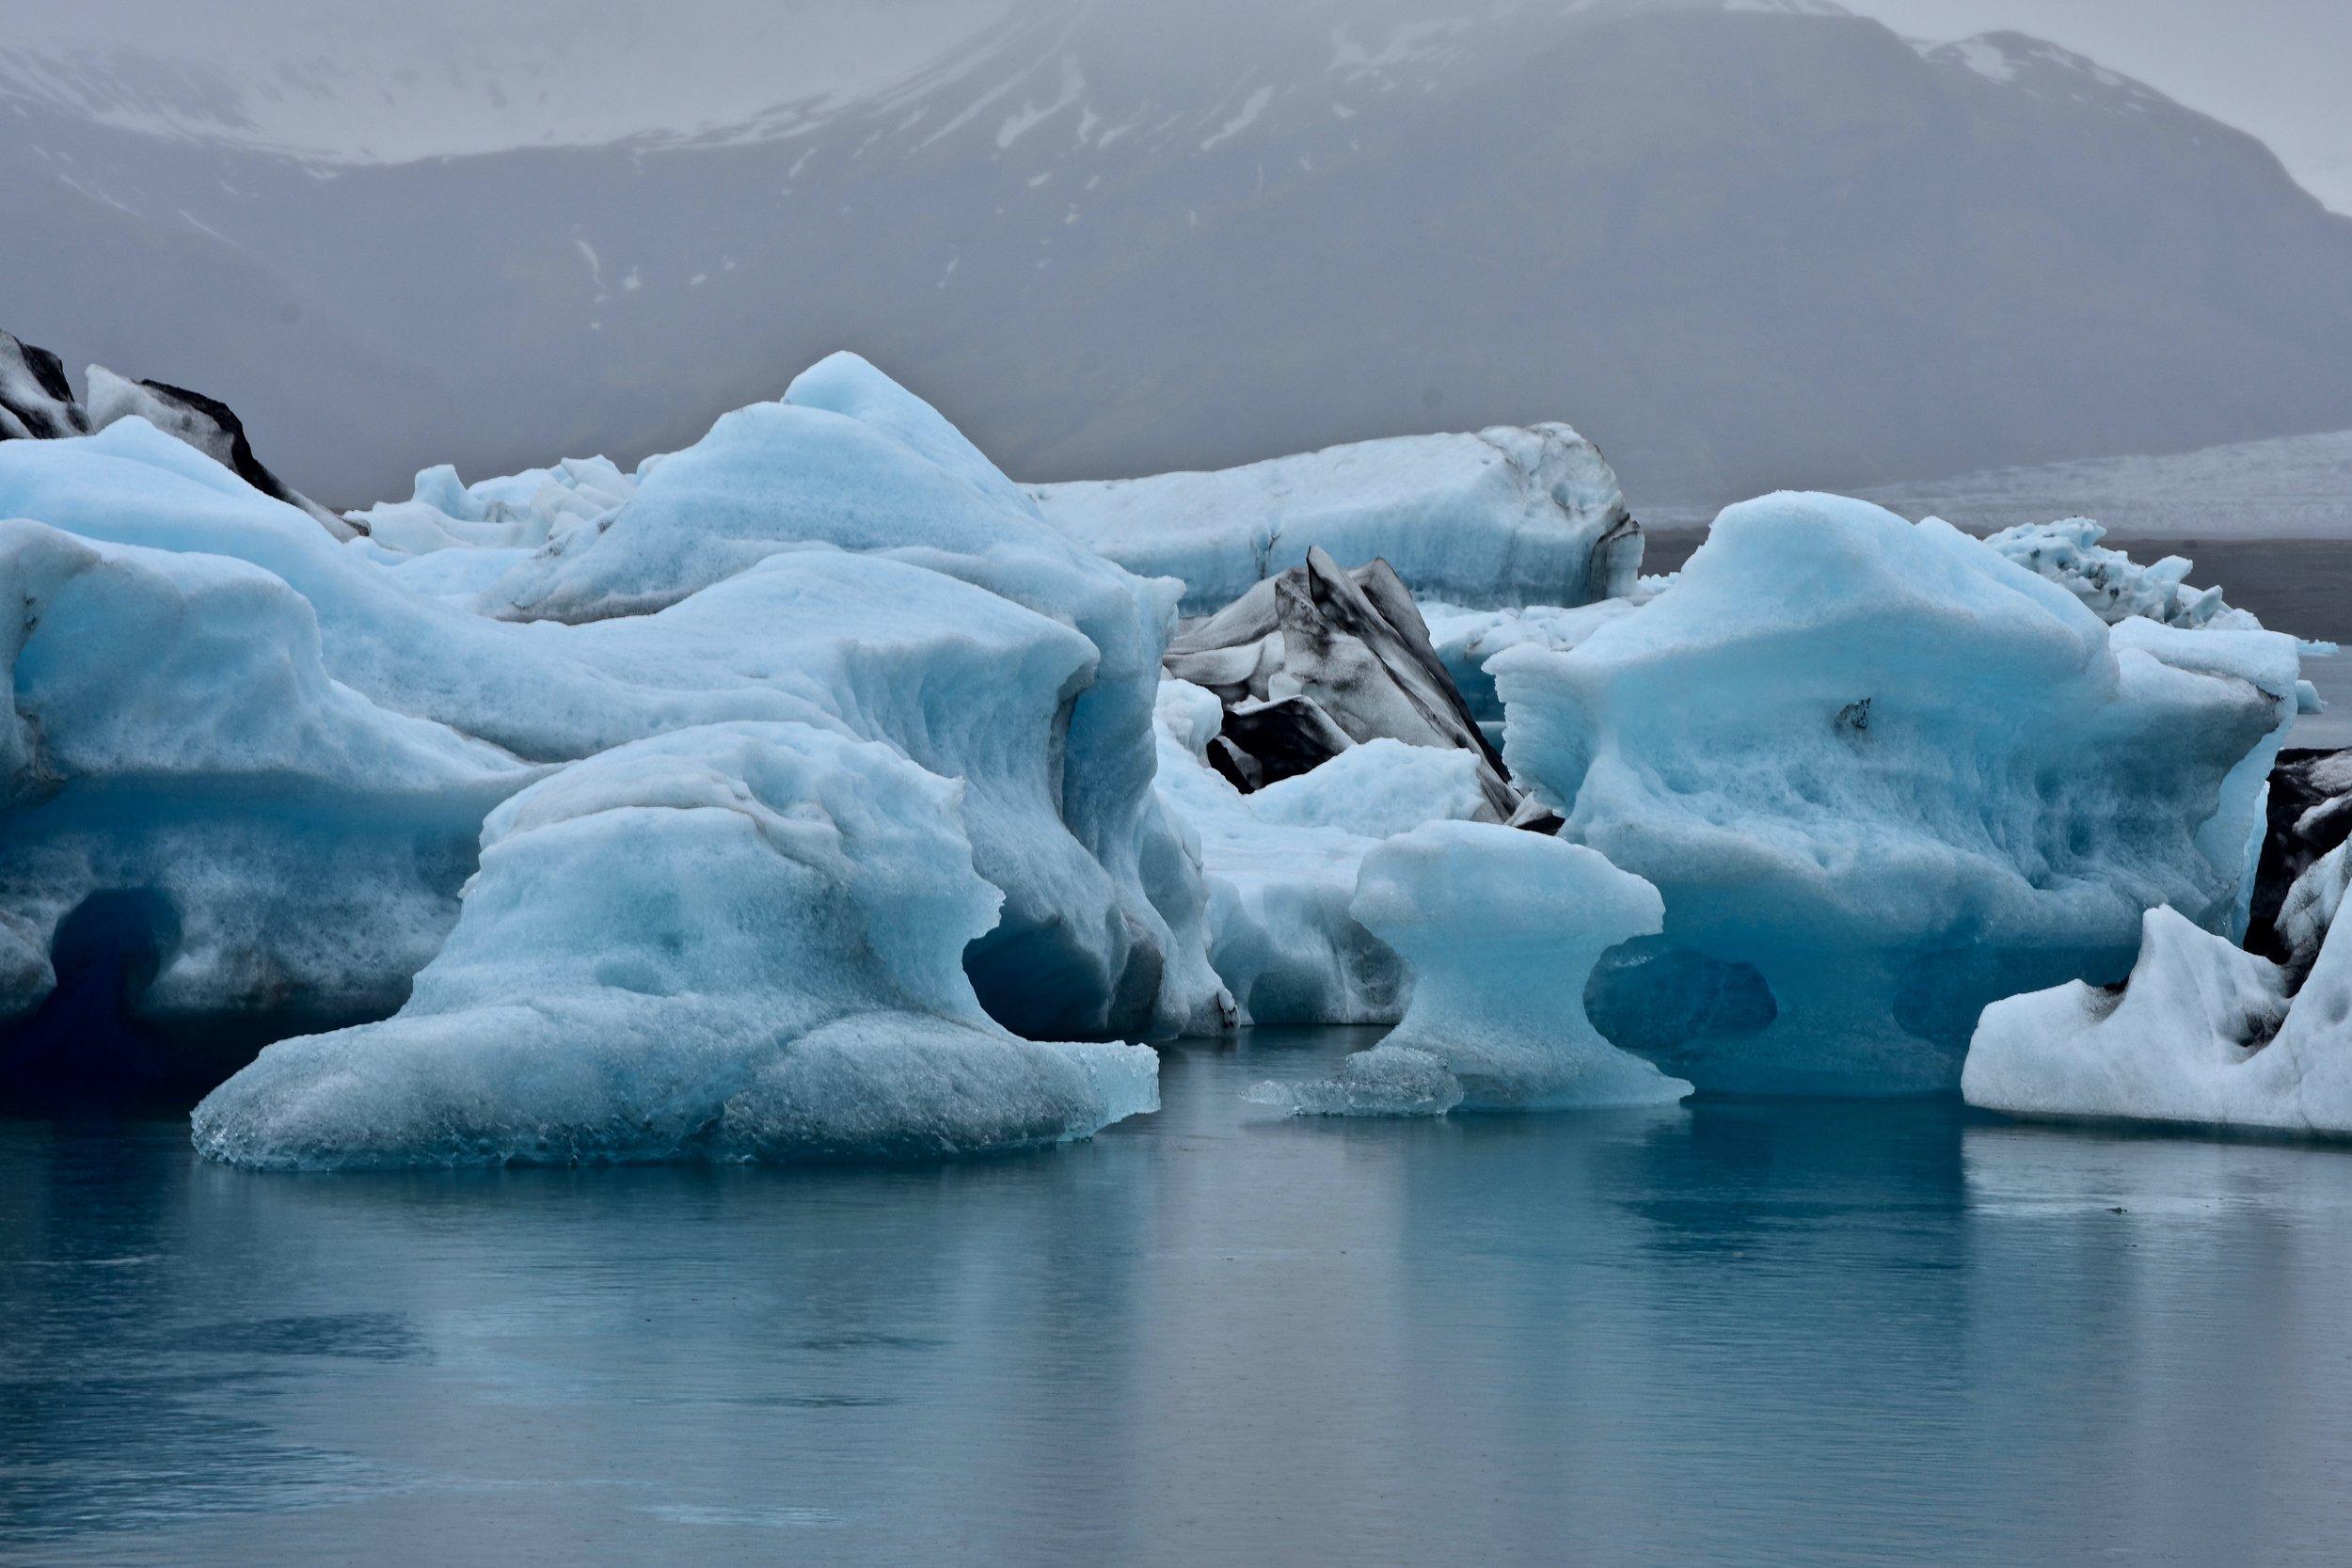 Jökulsárlón glacial lagoon - South Coast of Iceland